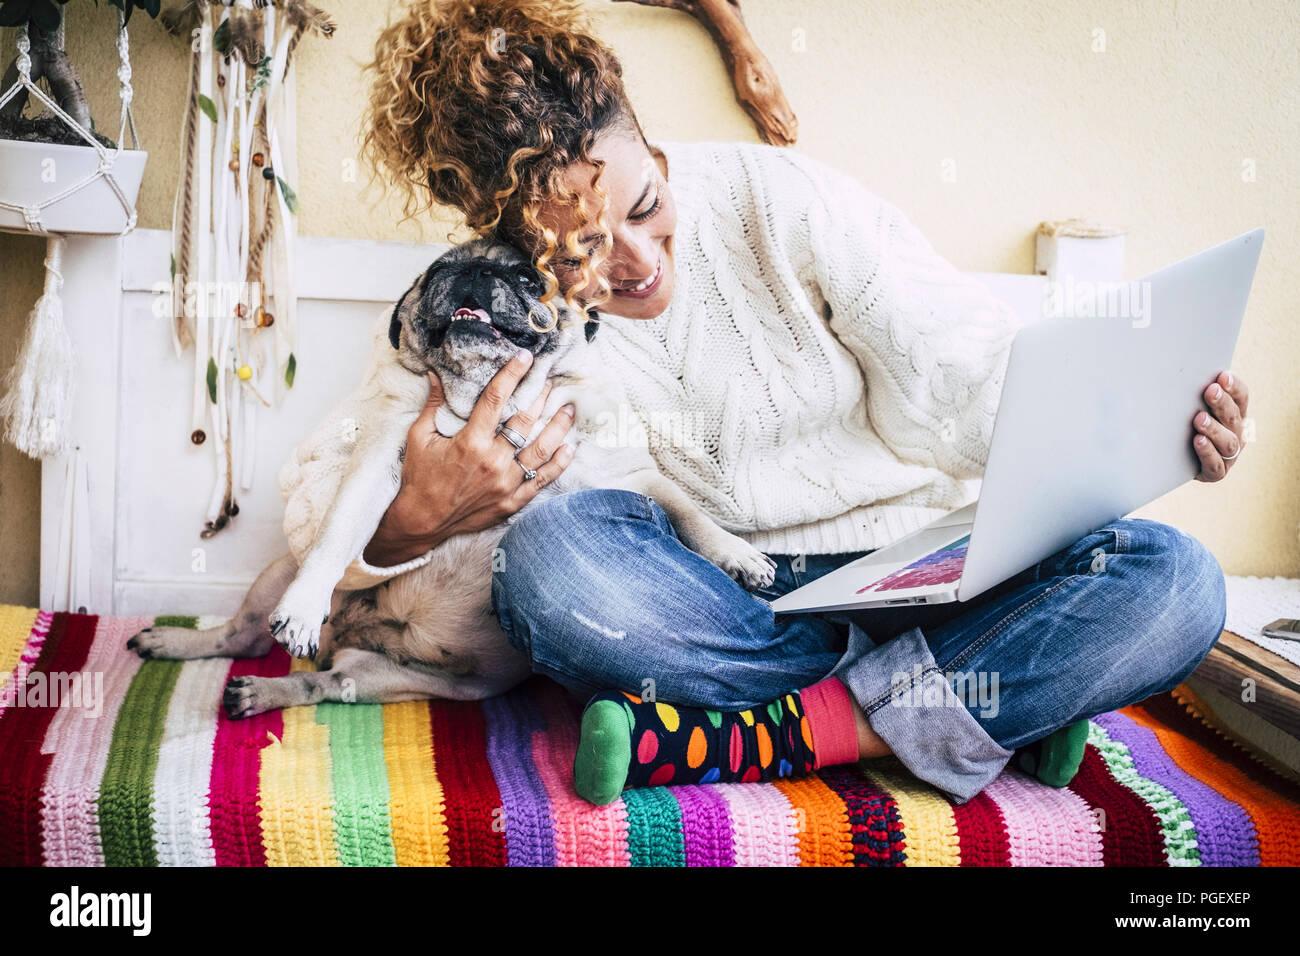 Real migliori amici Allegra donna che lavorano al computer portatile sulla terrazza di casa mentre abbraccio il suo migliore Amore e amici cane sorridente pug seduto alla sua sinistra. co Immagini Stock